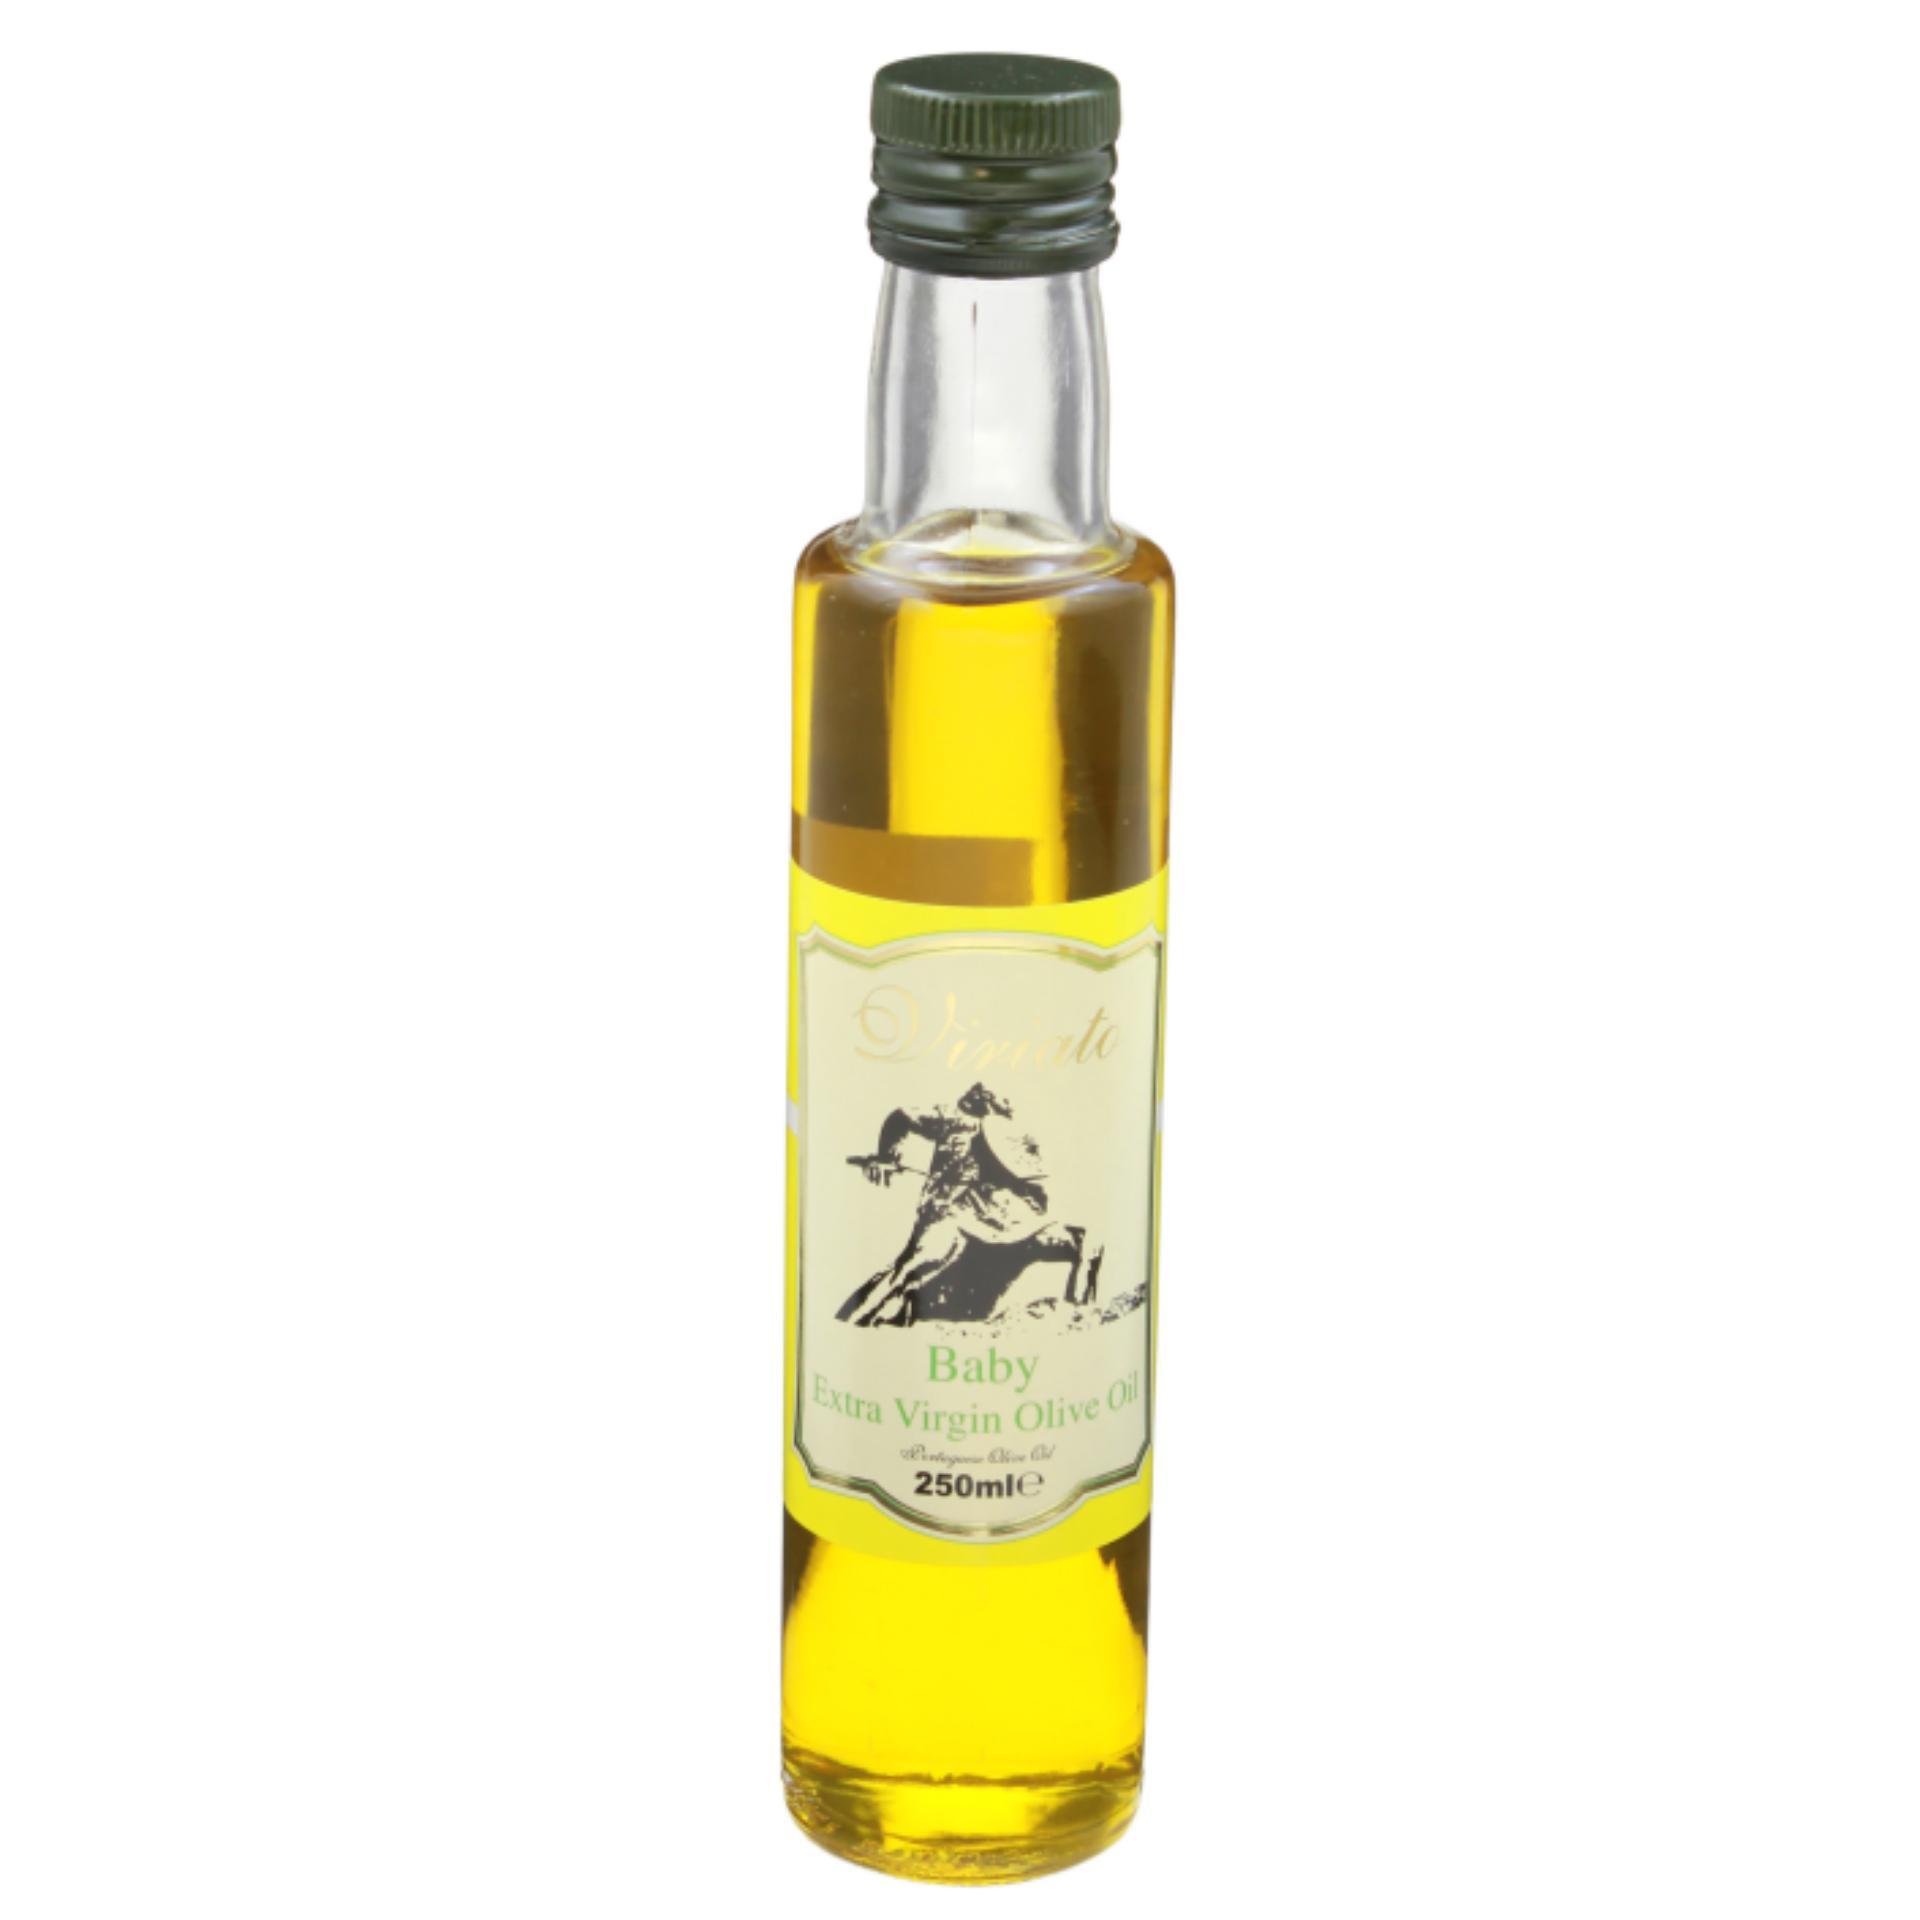 Dầu Olive Baby Viriato Siêu Nguyên Chất 250ml